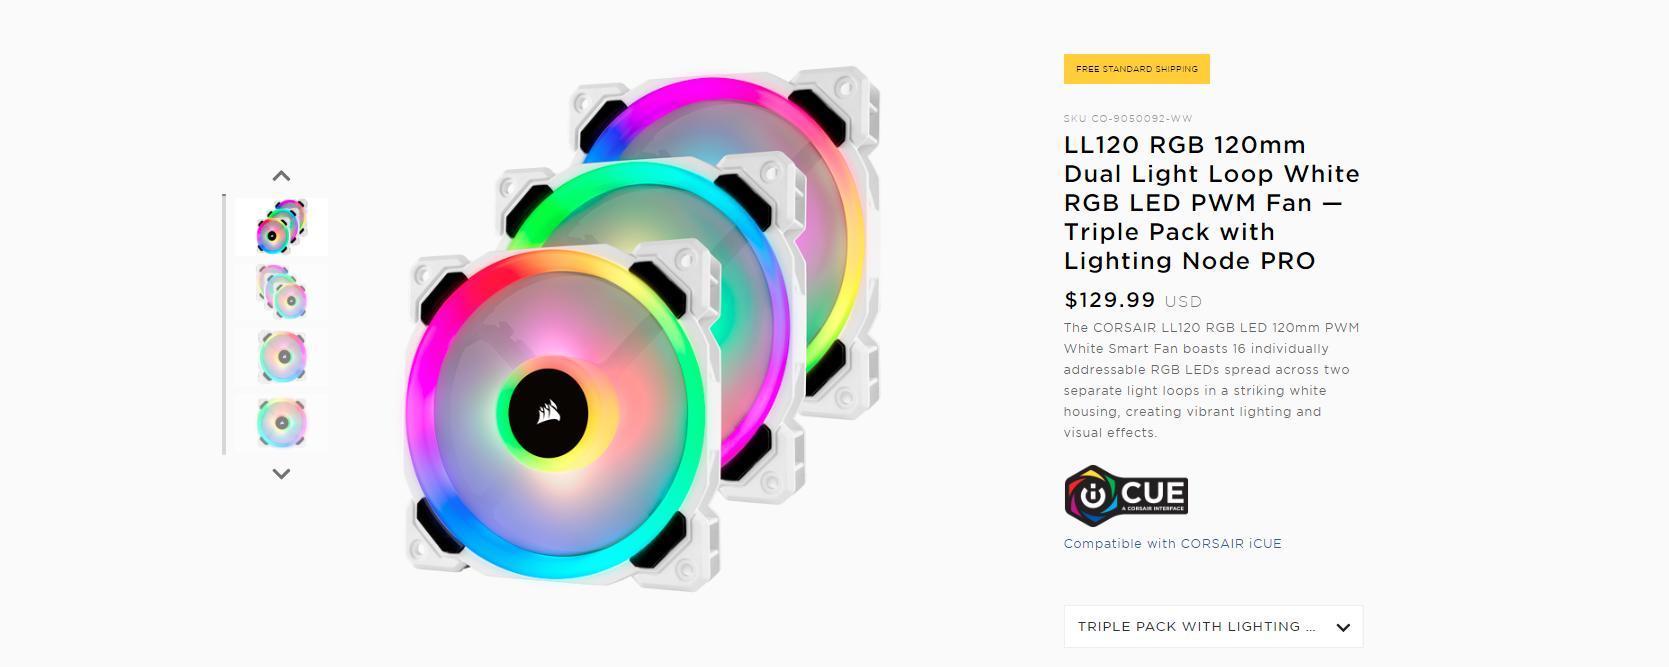 Fan Case Corsair LL120 RGB 120mm Dual Light Loop RGB LED 3 Fan Pack with Lighting Node PRO - White với 16 bóng led điều chỉnh độc lập được sắp xếp thành 2 vòng đem lại vô vàn hiệu ứng thú vị.